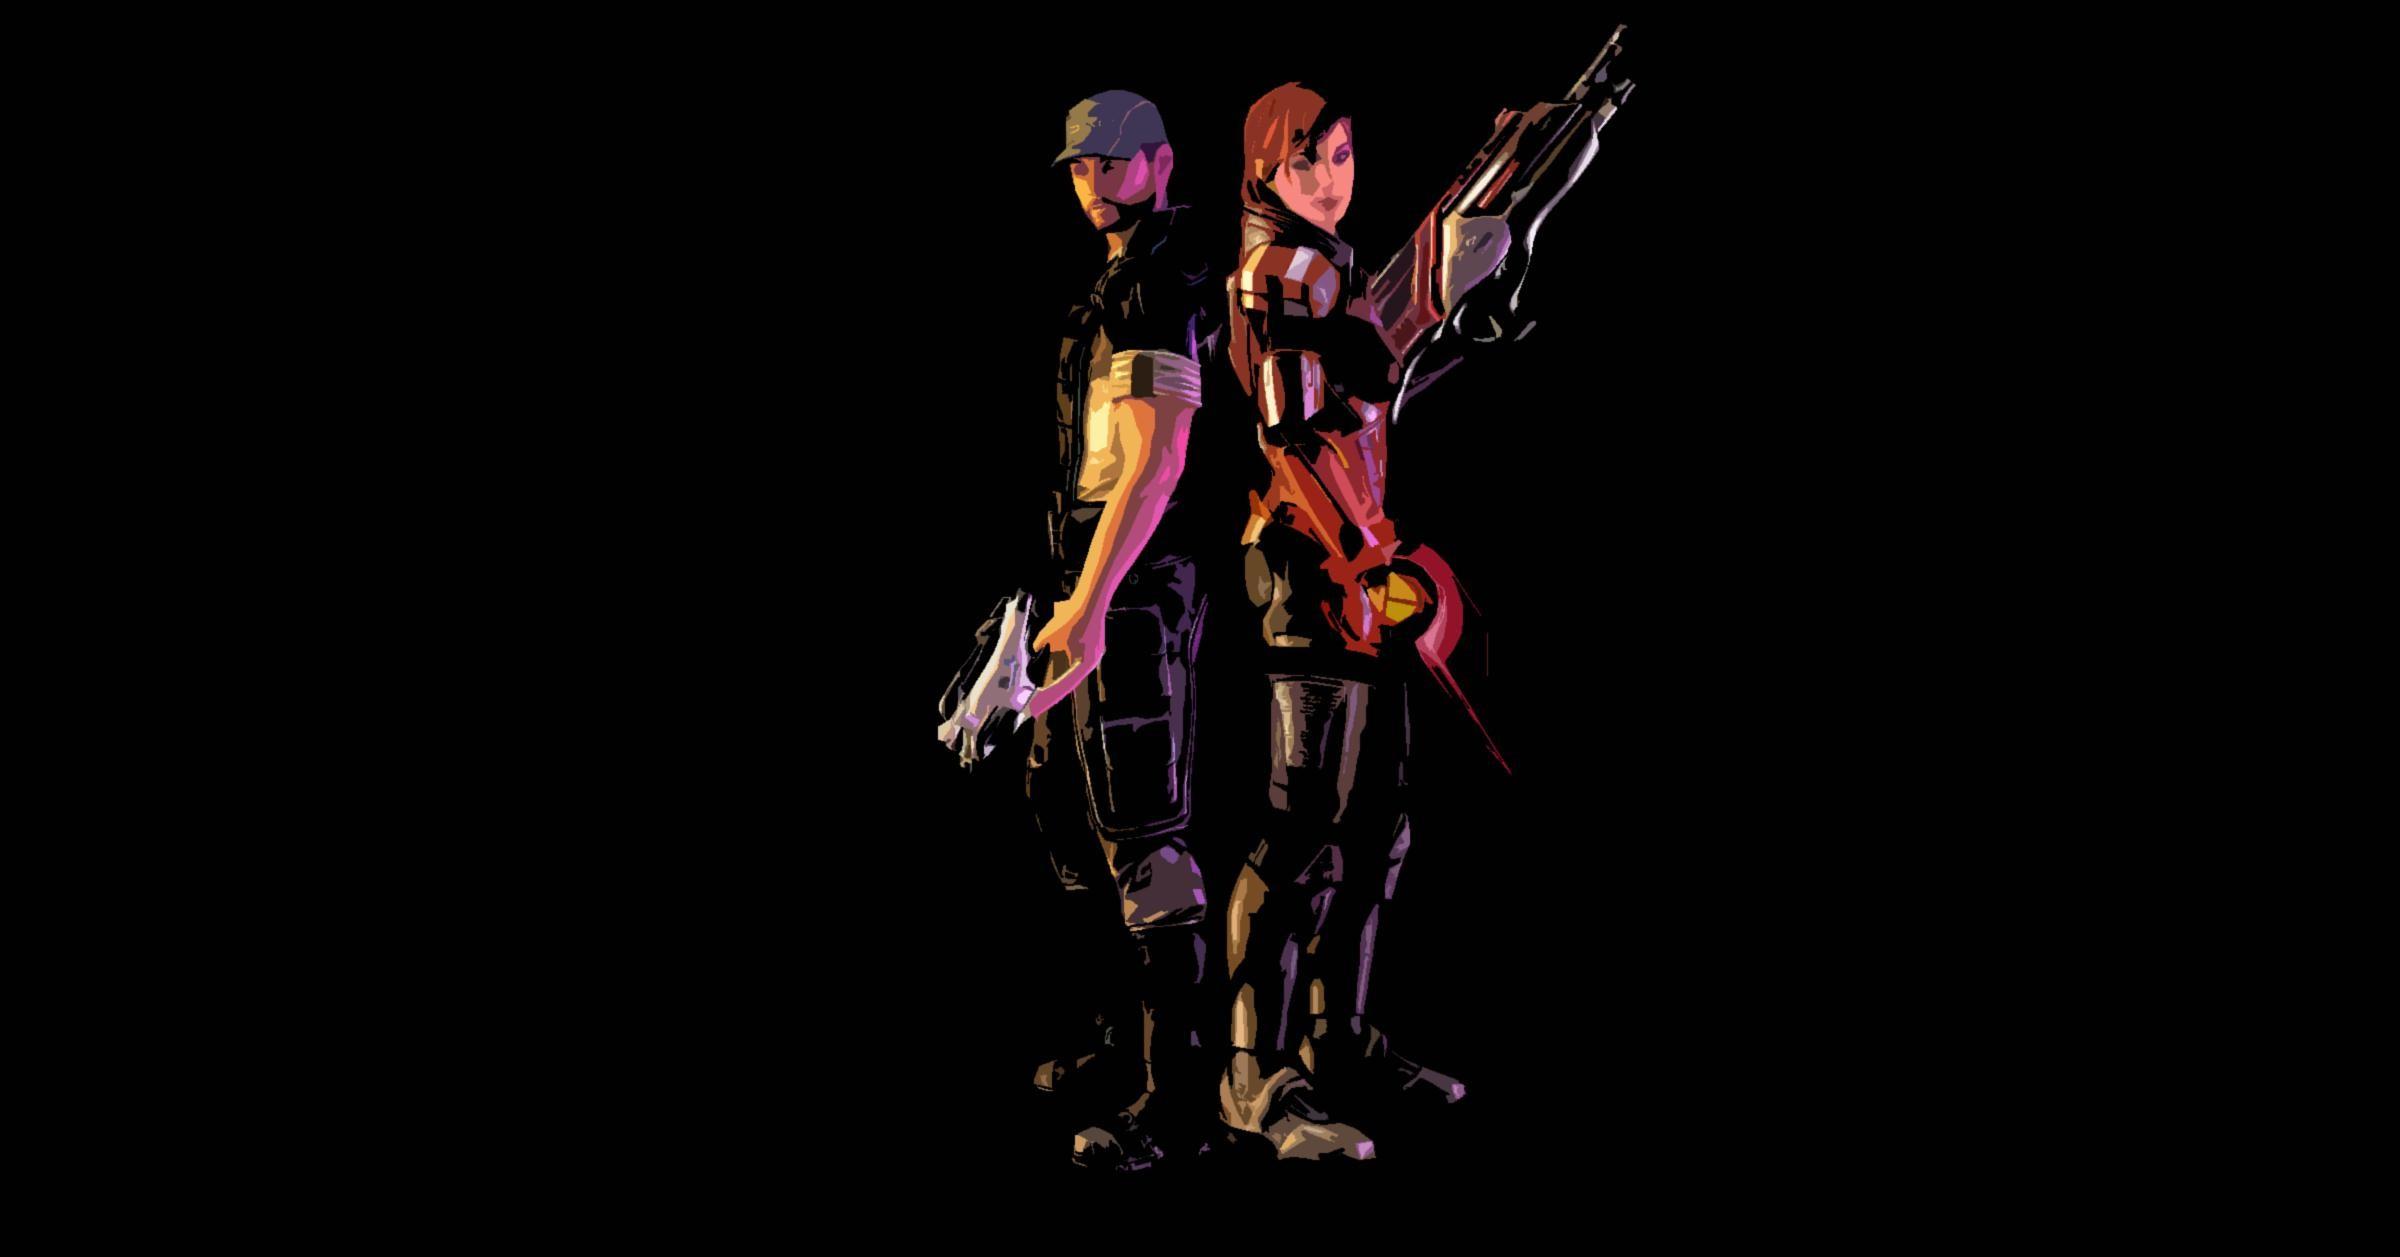 … Mass Effect 3: Joker and Femshep Wallpaper by Lootra